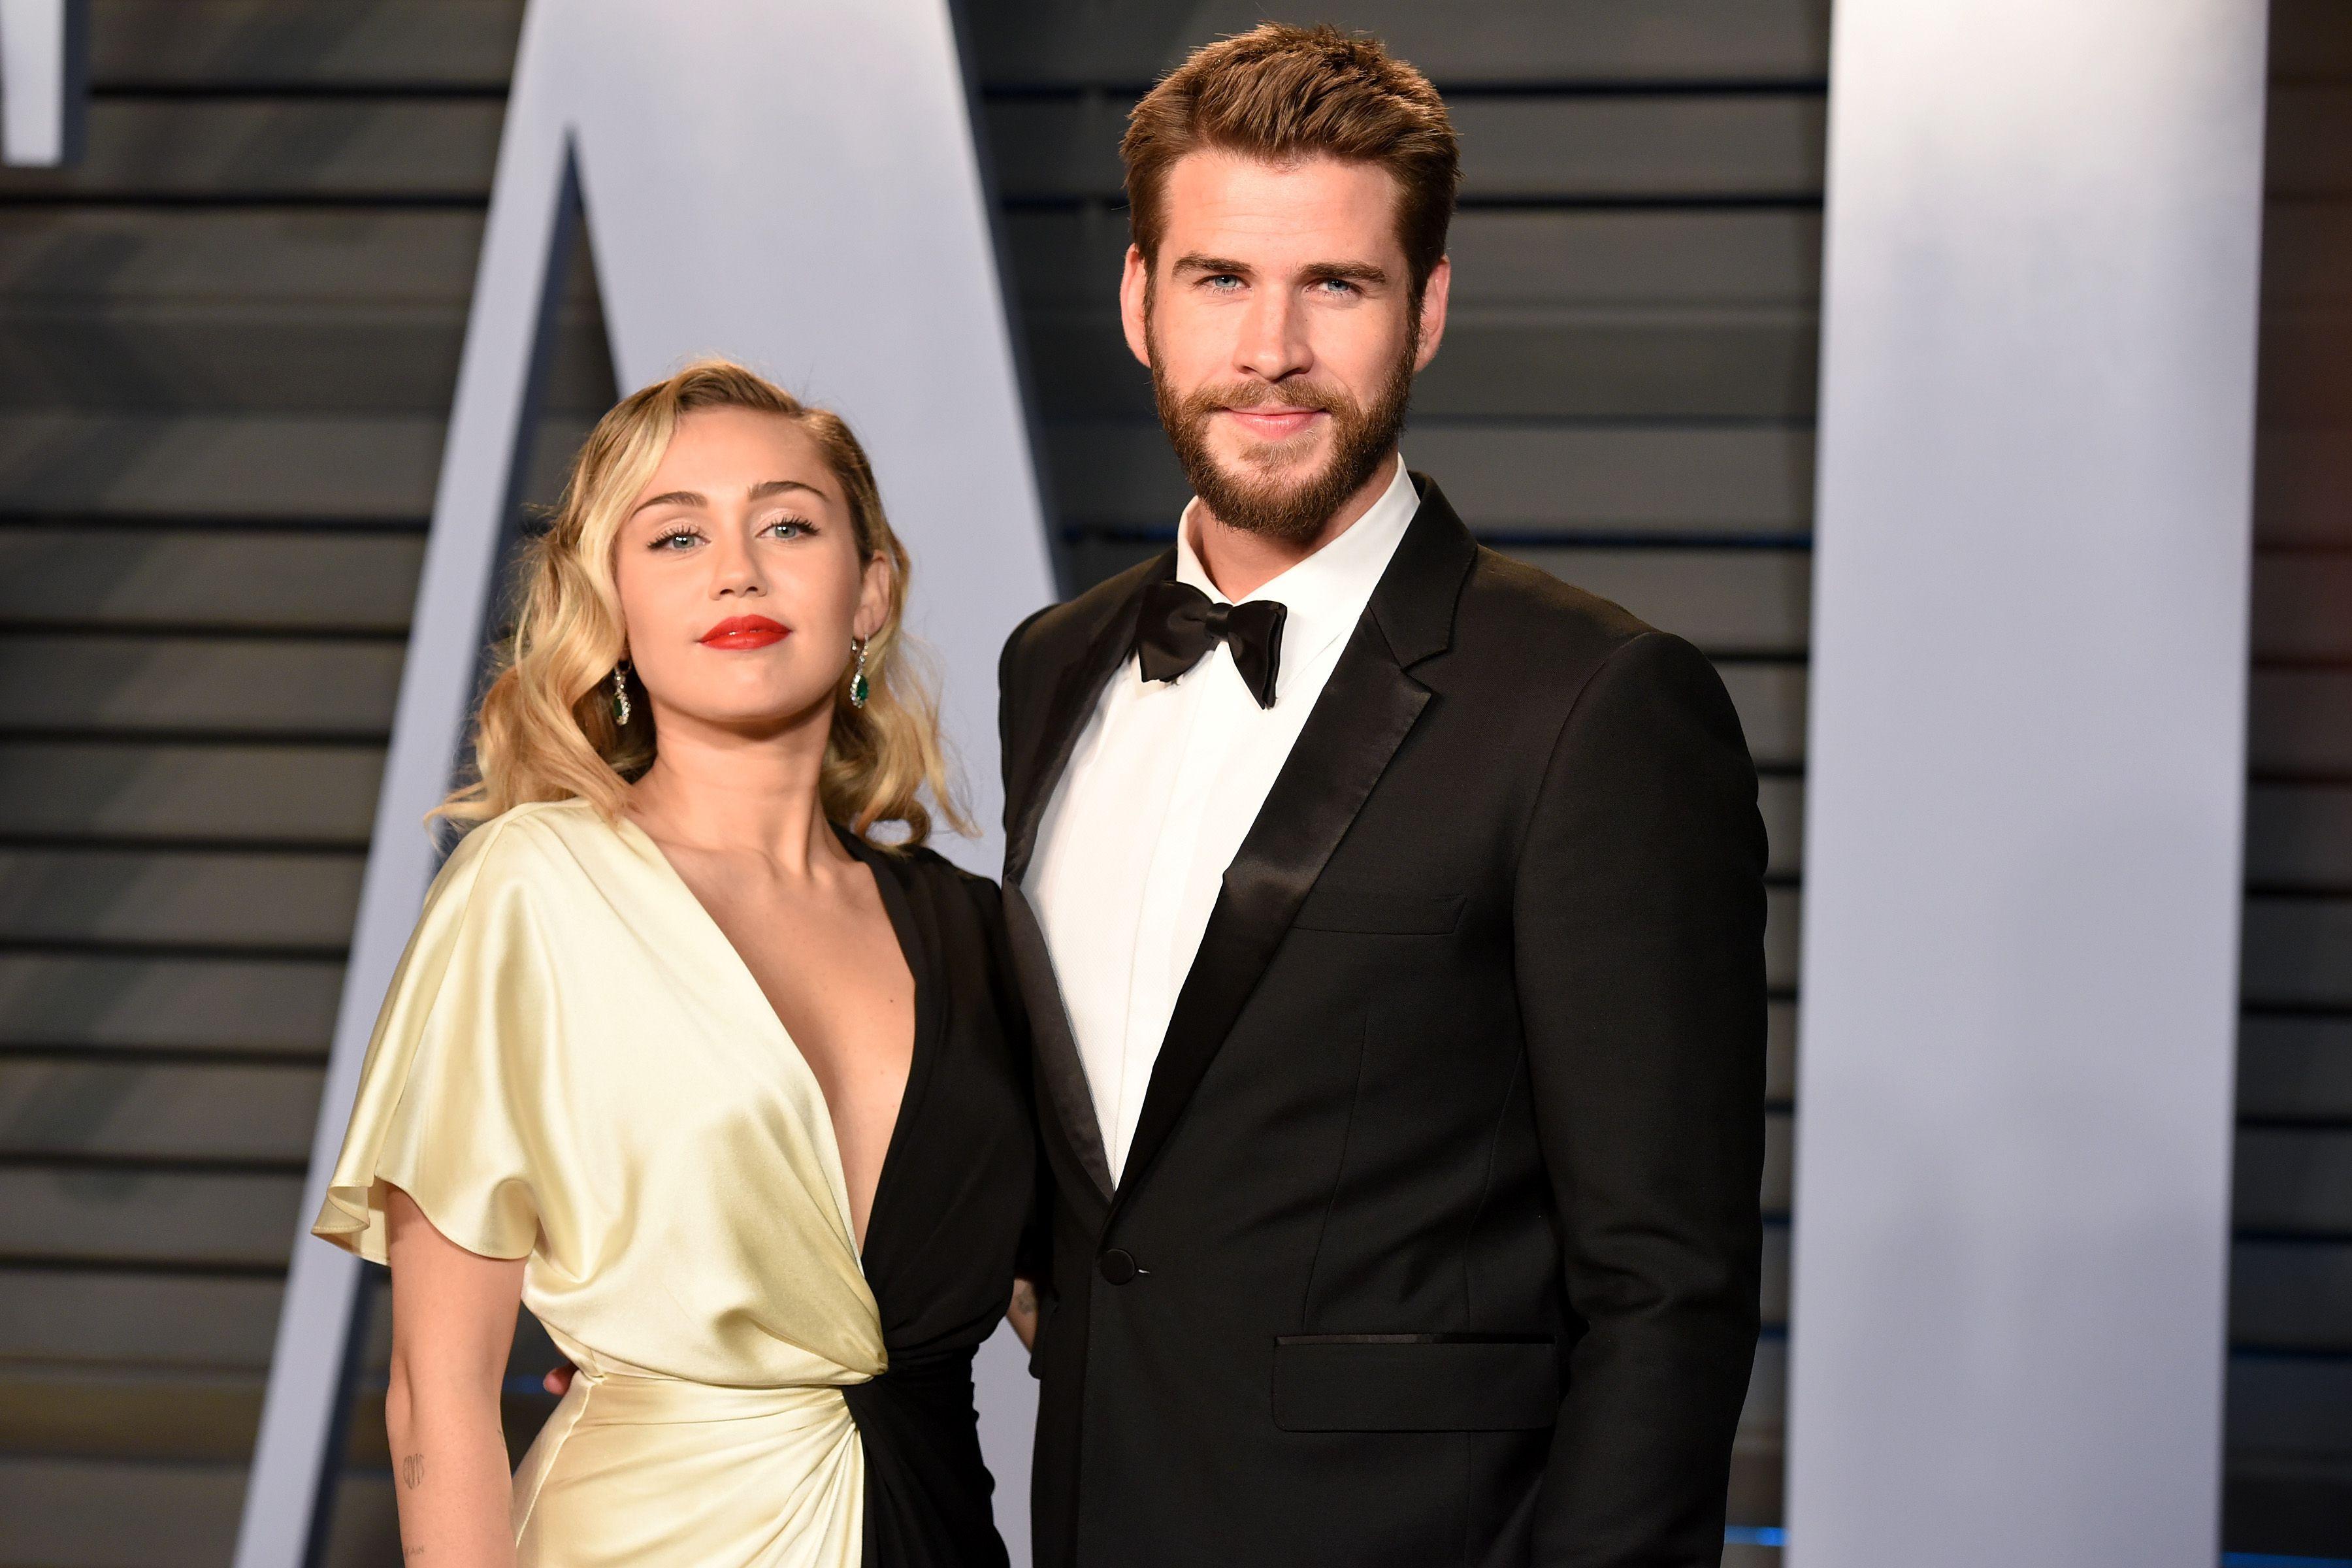 Photo of Parece que Miley Cyrus y Liam Hemsworth se casaron